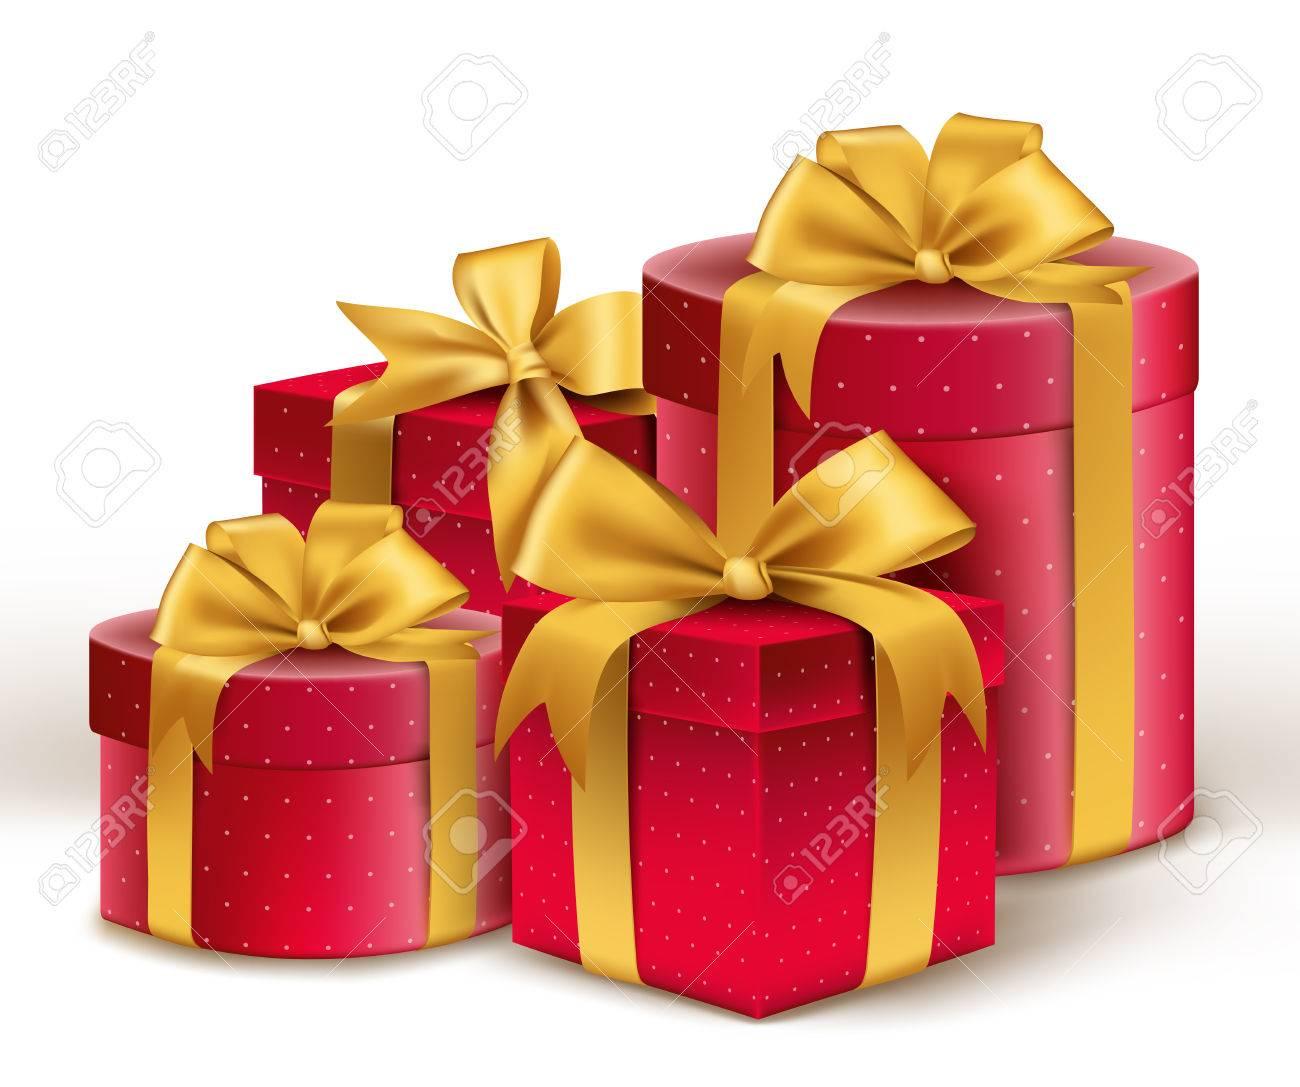 foto de archivo realistas d regalos rojos con coloridas cintas de oro envuelva con patrn de puntos para san valentn cumpleaos o celebracin de navidad